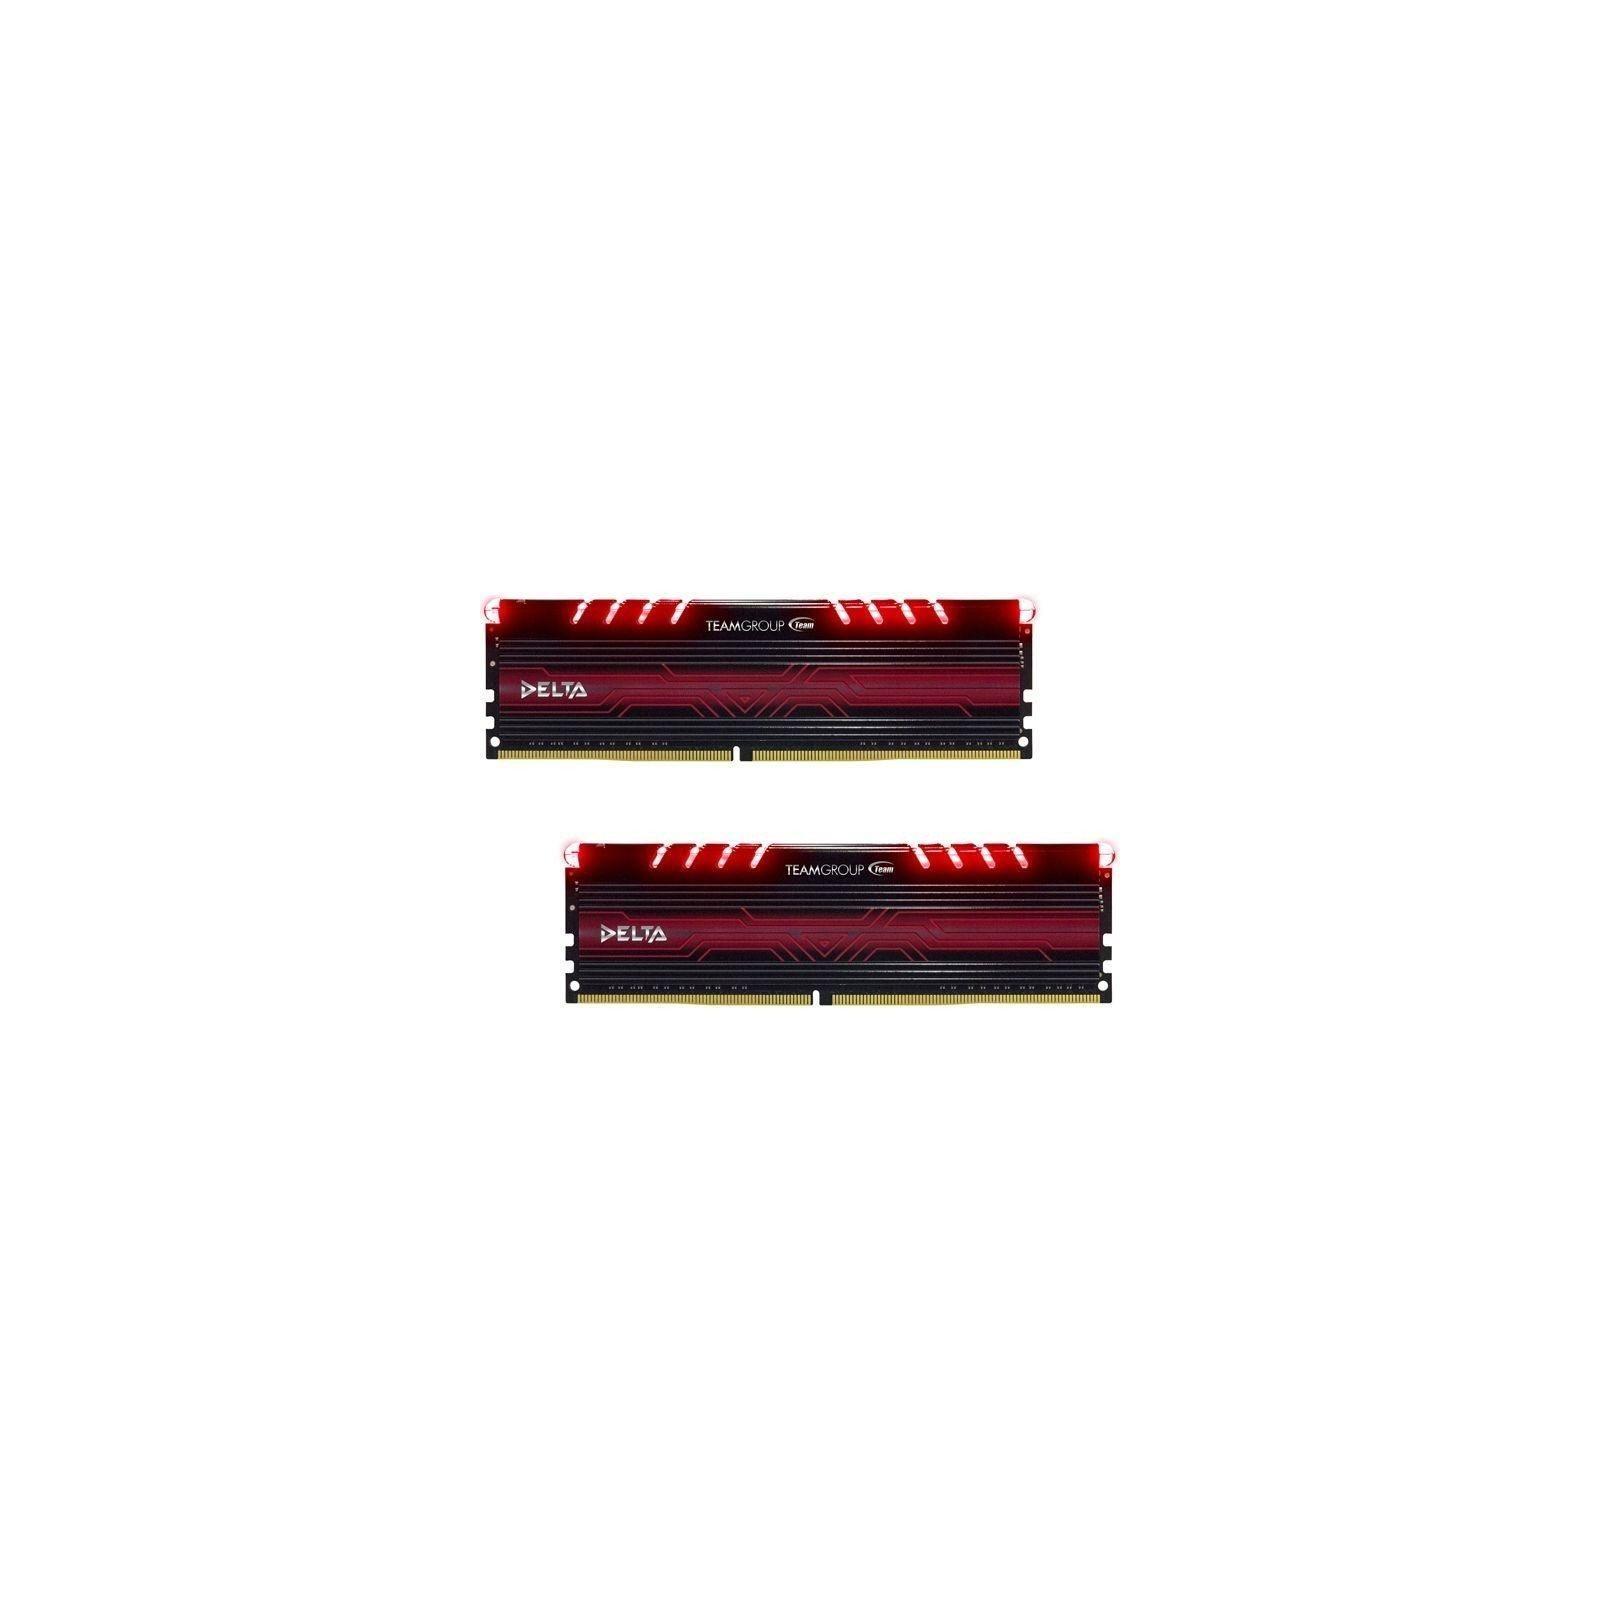 Модуль памяти для компьютера DDR4 16GB (2x8GB) 2400 MHz Delta Red LED Team (TDTRD416G2400HC15ADC01)